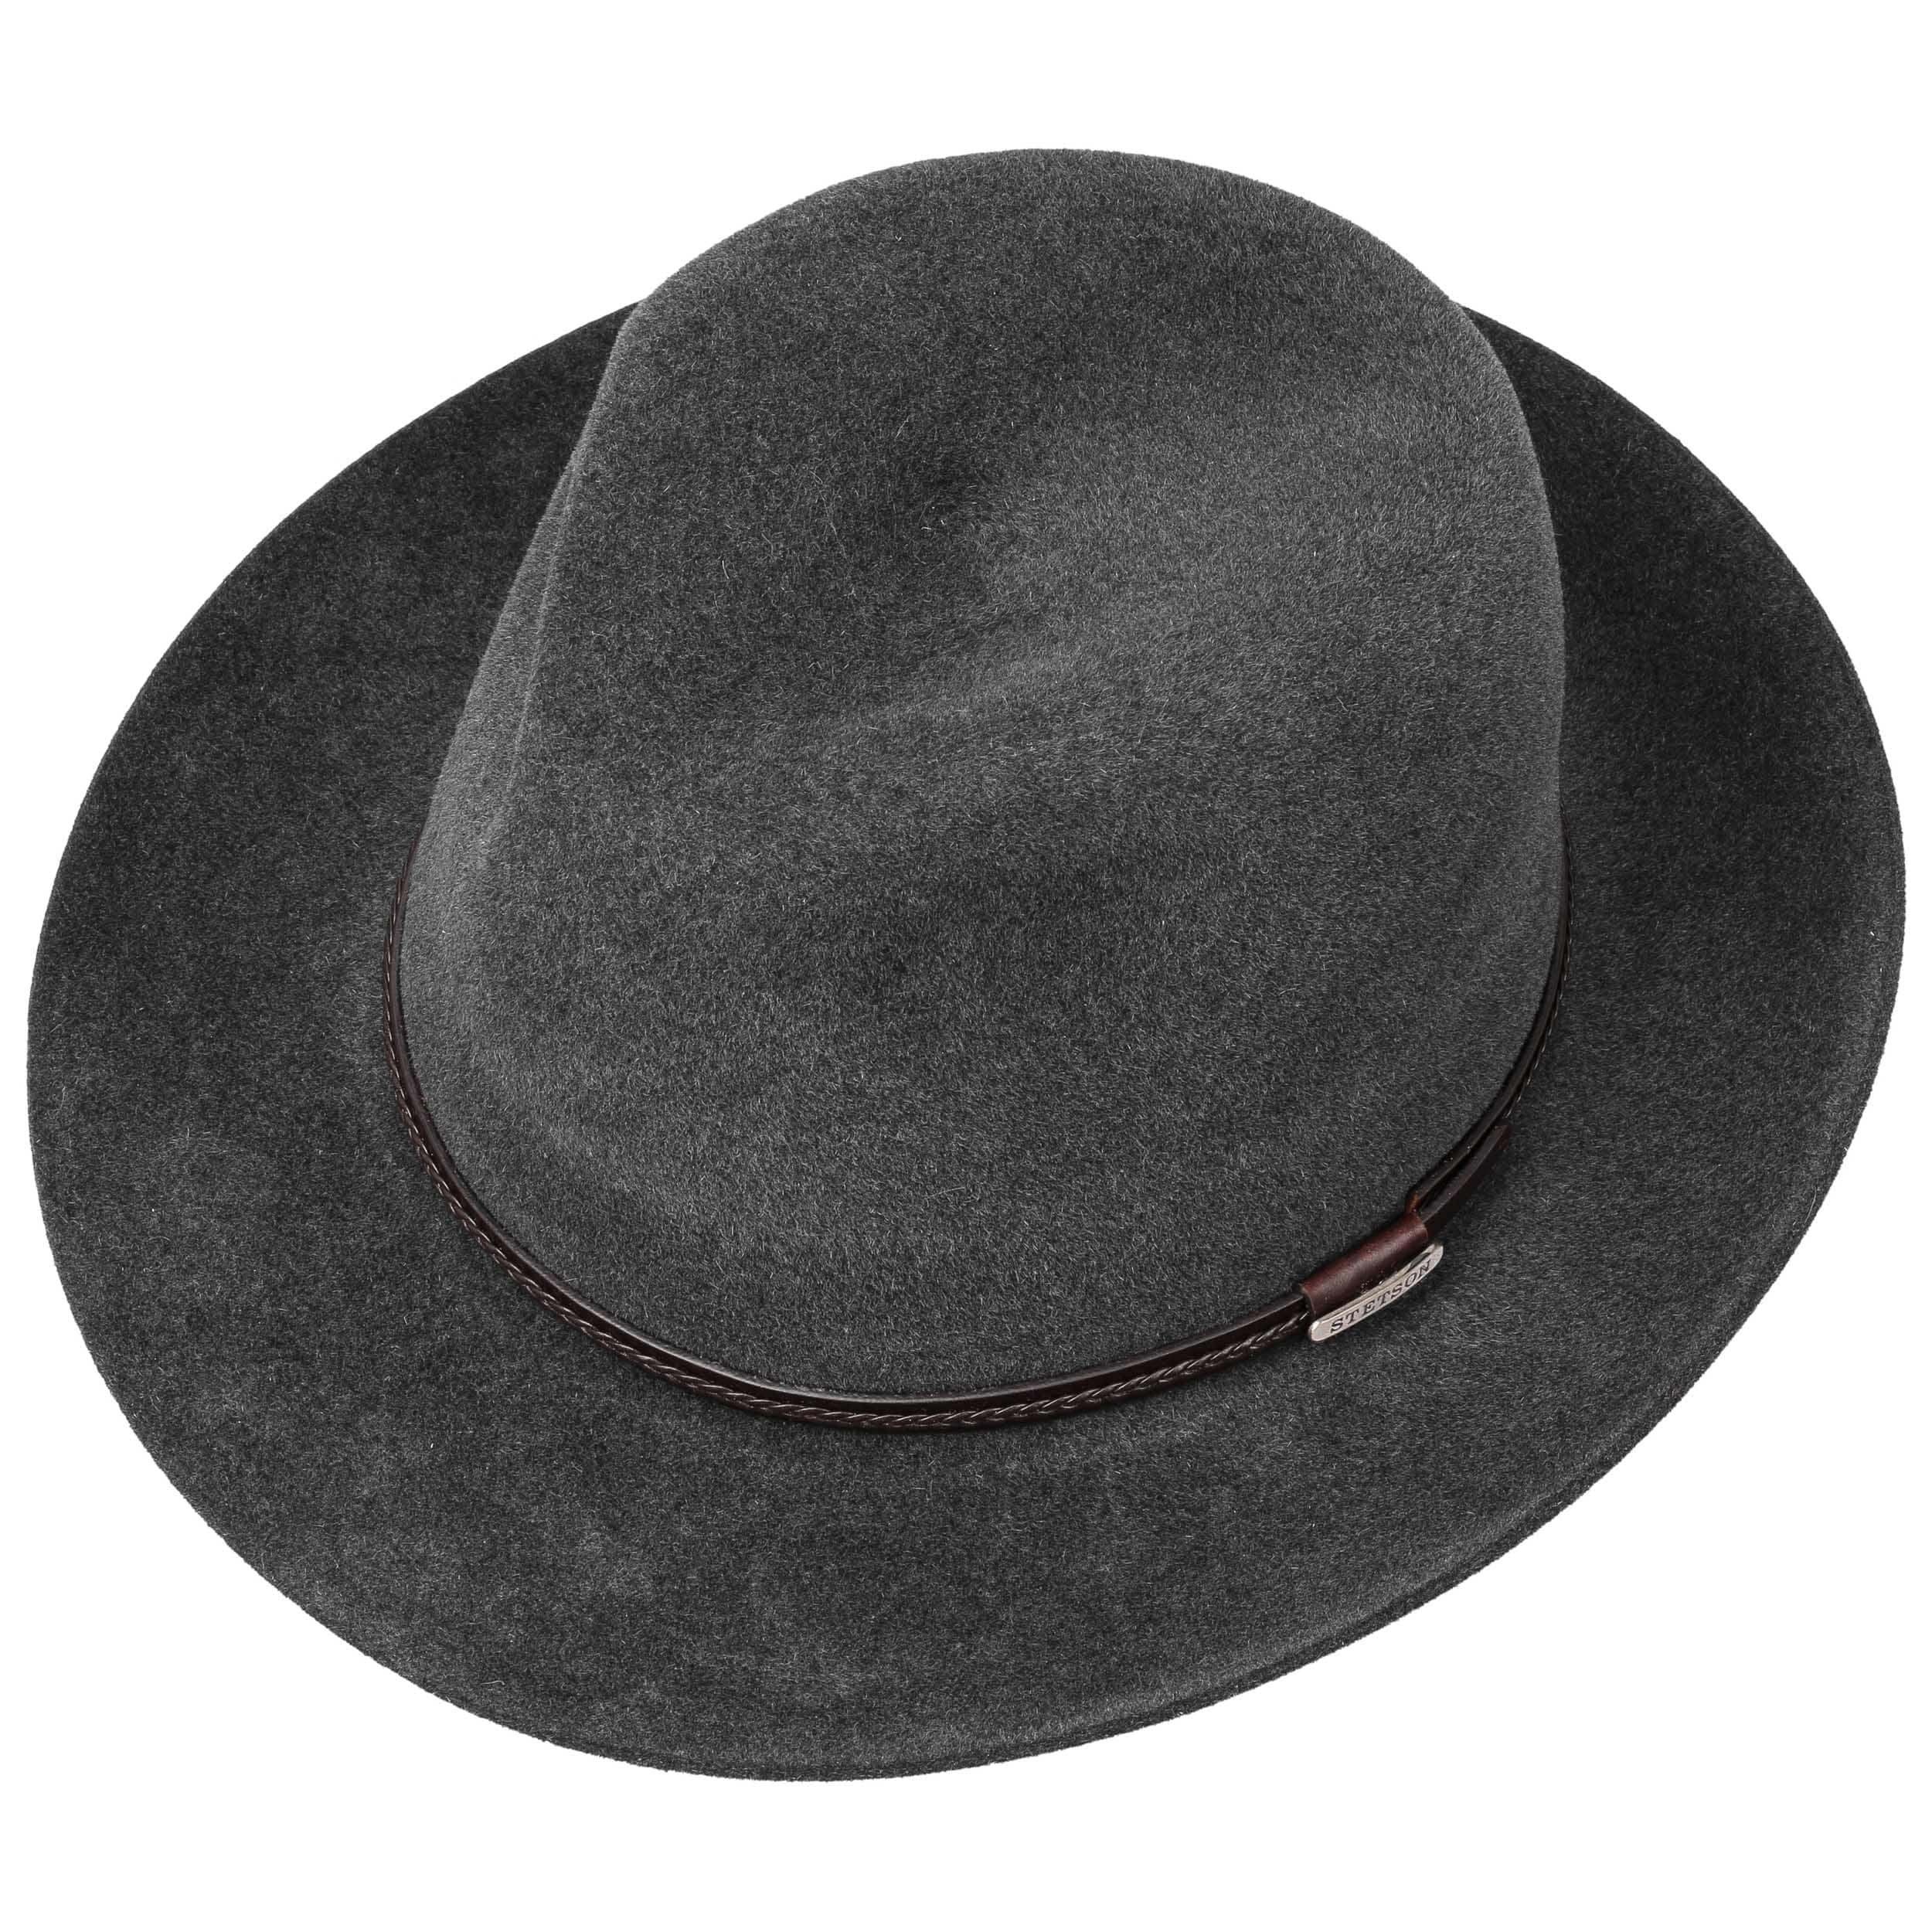 Sombrero Mélange Fieltro Pelo by Stetson - Sombreros - sombreroshop.es 1a4fdbfd35f